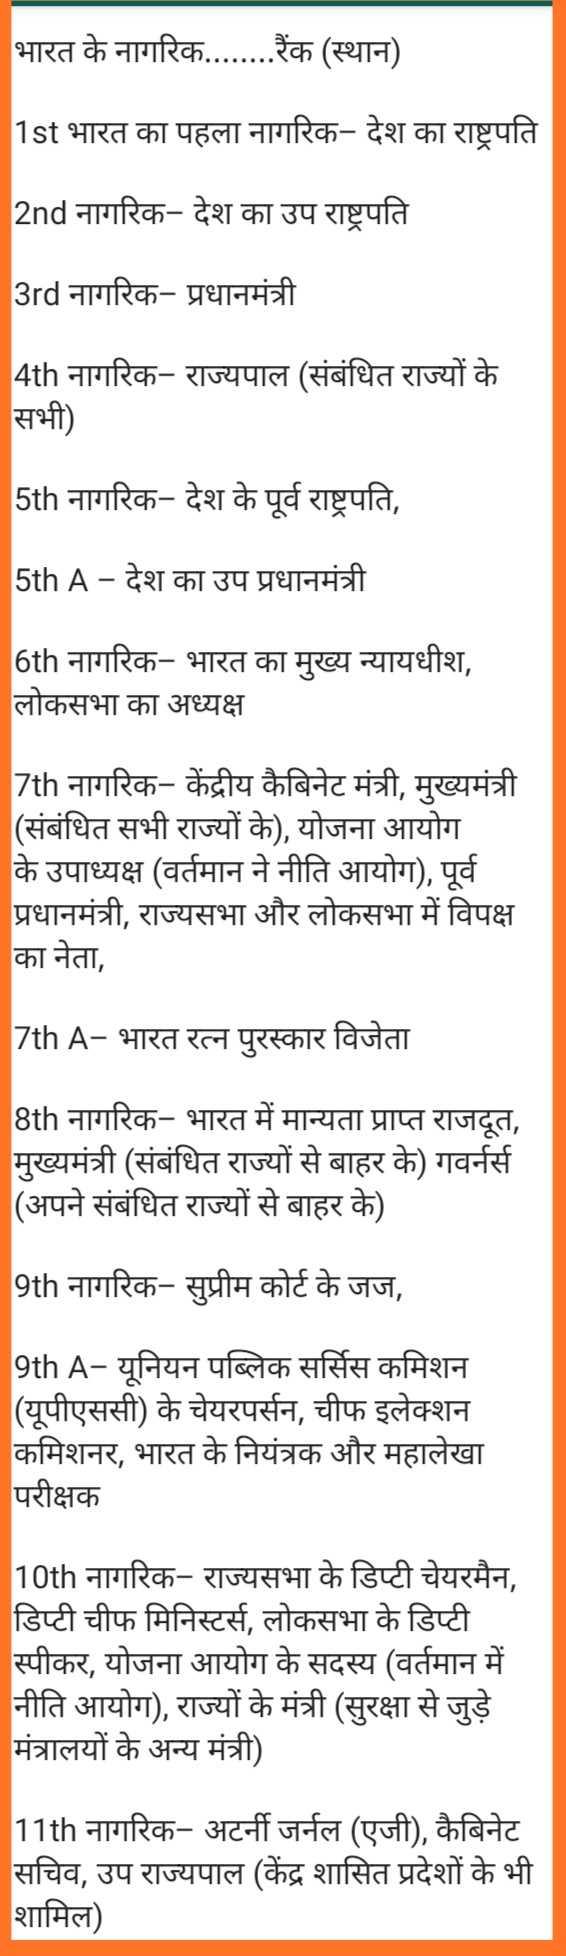 🎓जनरल नॉलेज - भारत के नागरिक . . . . . . . . रैंक ( स्थान ) 1st भारत का पहला नागरिक - देश का राष्ट्रपति 2nd नागरिक - देश का उप राष्ट्रपति 3rd नागरिक - प्रधानमंत्री 4th नागरिक - राज्यपाल ( संबंधित राज्यों के सभी ) 5th नागरिक - देश के पूर्व राष्ट्रपति , 5th A – देश का उप प्रधानमंत्री 6th नागरिक - भारत का मुख्य न्यायधीश , लोकसभा का अध्यक्ष 7th नागरिक - केंद्रीय कैबिनेट मंत्री , मुख्यमंत्री ( संबंधित सभी राज्यों के ) , योजना आयोग के उपाध्यक्ष ( वर्तमान ने नीति आयोग ) , पूर्व प्रधानमंत्री , राज्यसभा और लोकसभा में विपक्ष का नेता , 7th A - भारत रत्न पुरस्कार विजेता 8th नागरिक - भारत में मान्यता प्राप्त राजदूत , मुख्यमंत्री ( संबंधित राज्यों से बाहर के ) गवर्नर्स ( अपने संबंधित राज्यों से बाहर के ) 9th नागरिक - सुप्रीम कोर्ट के जज , 9th A - यूनियन पब्लिक सर्सिस कमिशन ( यूपीएससी ) के चेयरपर्सन , चीफ इलेक्शन कमिशनर , भारत के नियंत्रक और महालेखा परीक्षक 10th नागरिक - राज्यसभा के डिप्टी चेयरमैन , डिप्टी चीफ मिनिस्टर्स , लोकसभा के डिप्टी स्पीकर , योजना आयोग के सदस्य ( वर्तमान में नीति आयोग ) , राज्यों के मंत्री ( सुरक्षा से जुड़े मंत्रालयों के अन्य मंत्री ) 11th नागरिक - अटर्नी जर्नल ( एजी ) , कैबिनेट सचिव , उप राज्यपाल ( केंद्र शासित प्रदेशों के भी शामिल ) - ShareChat